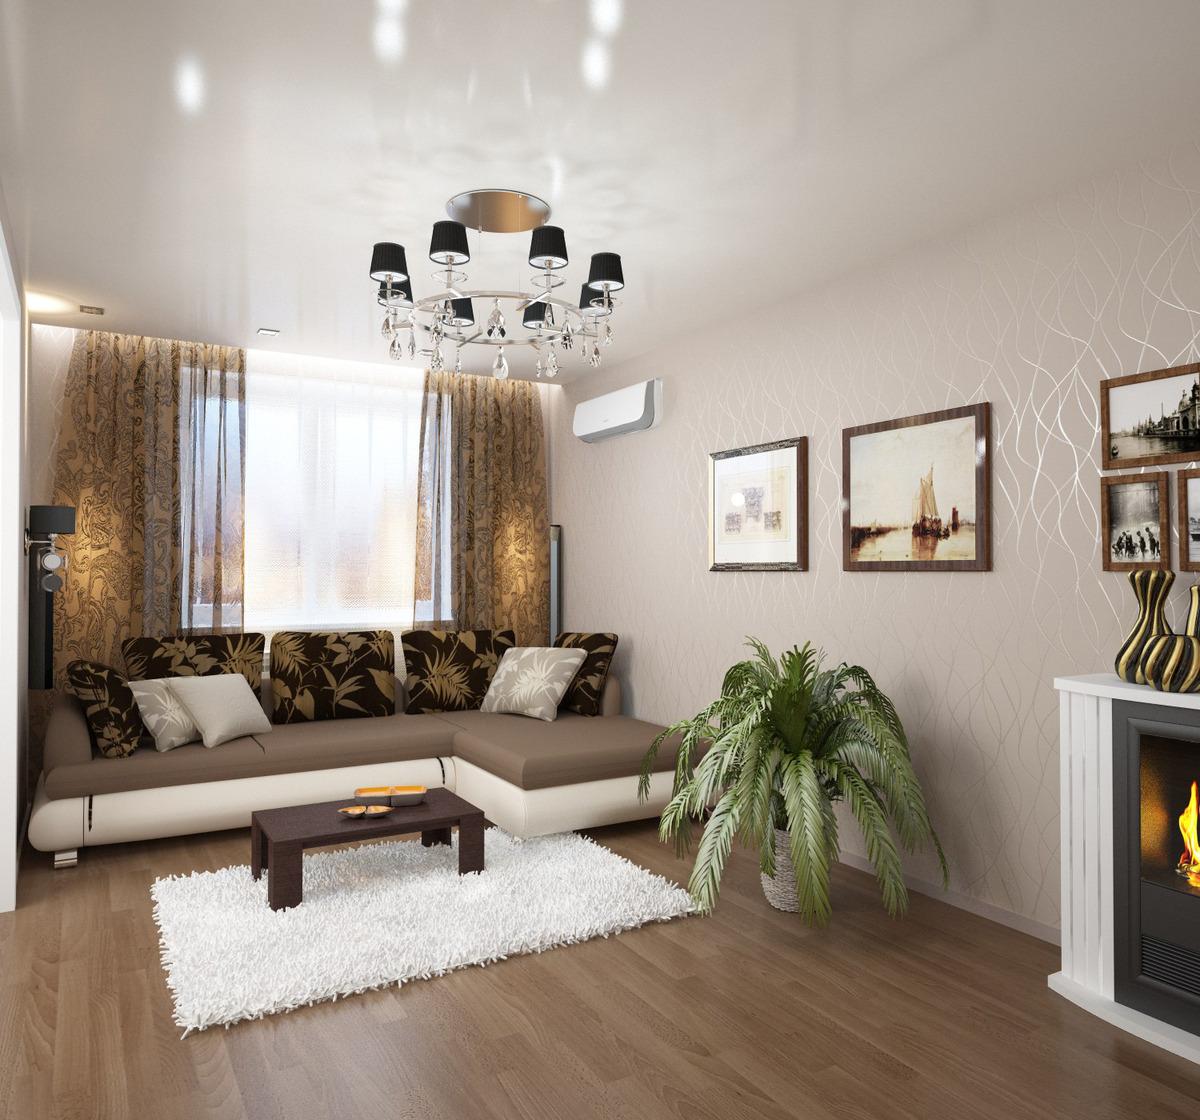 Фото 3 х комнатных квартир интерьер